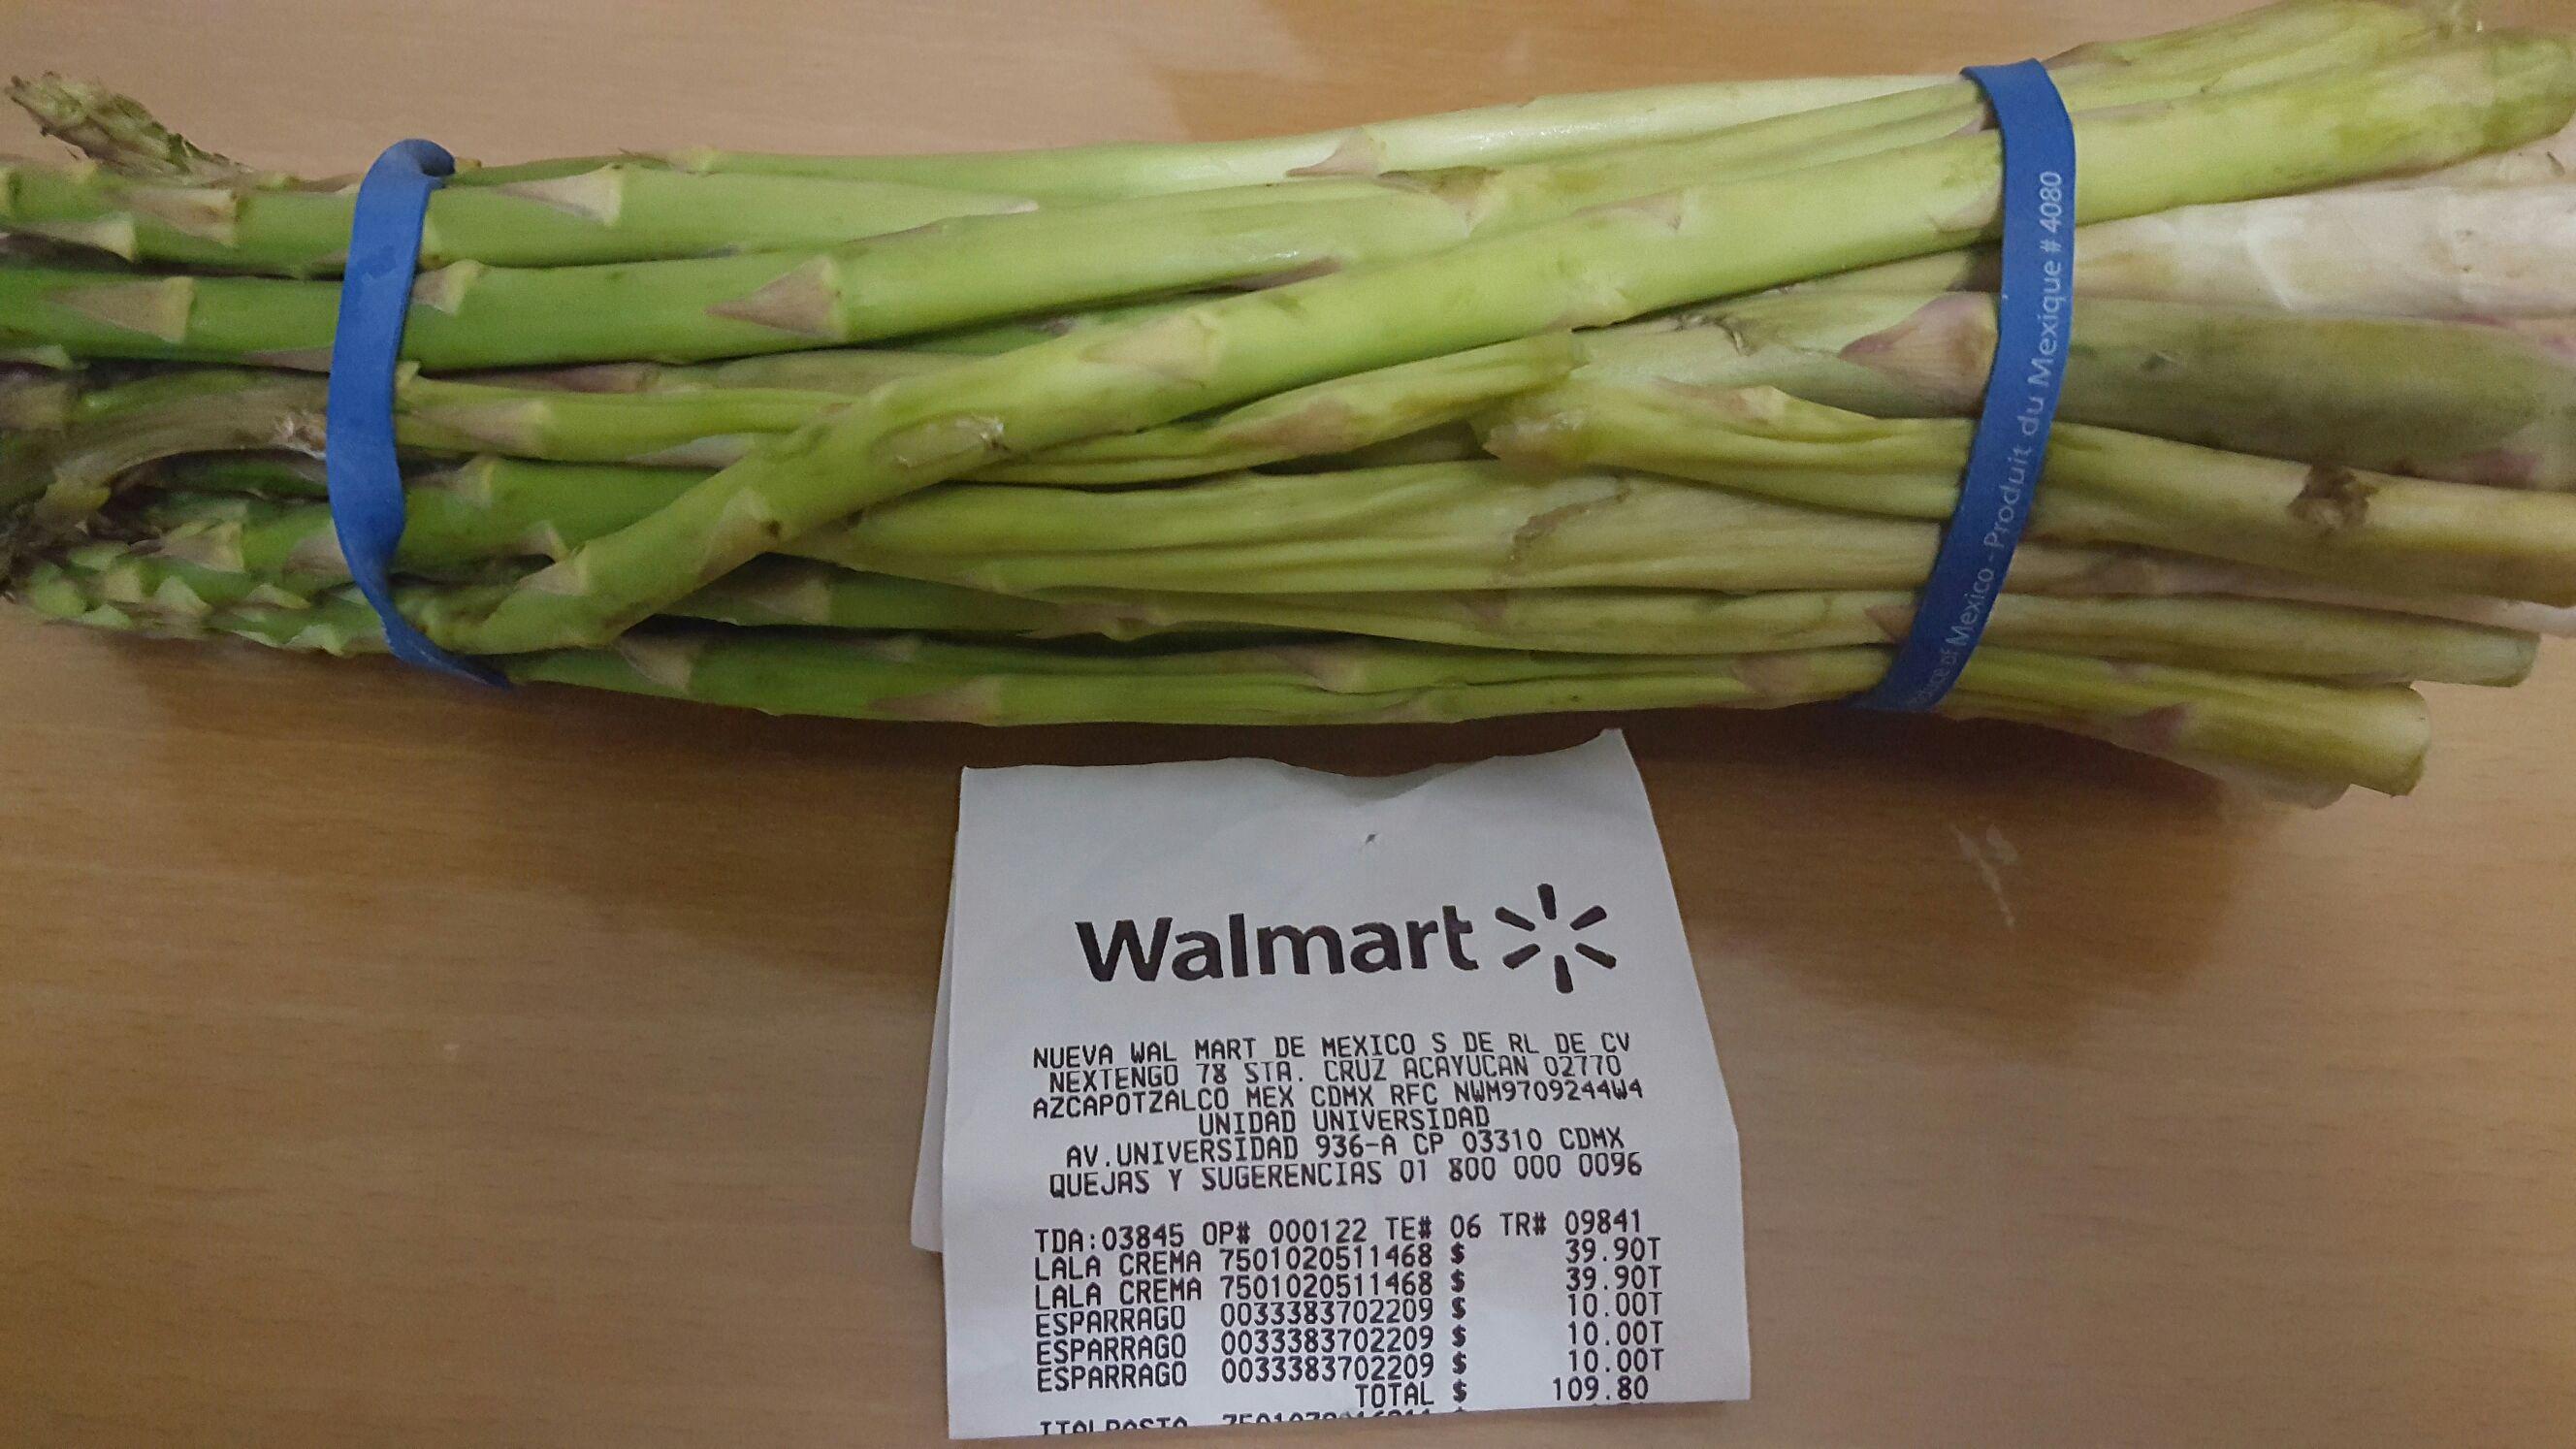 Walmart: Espárragos (mini-promonovela)